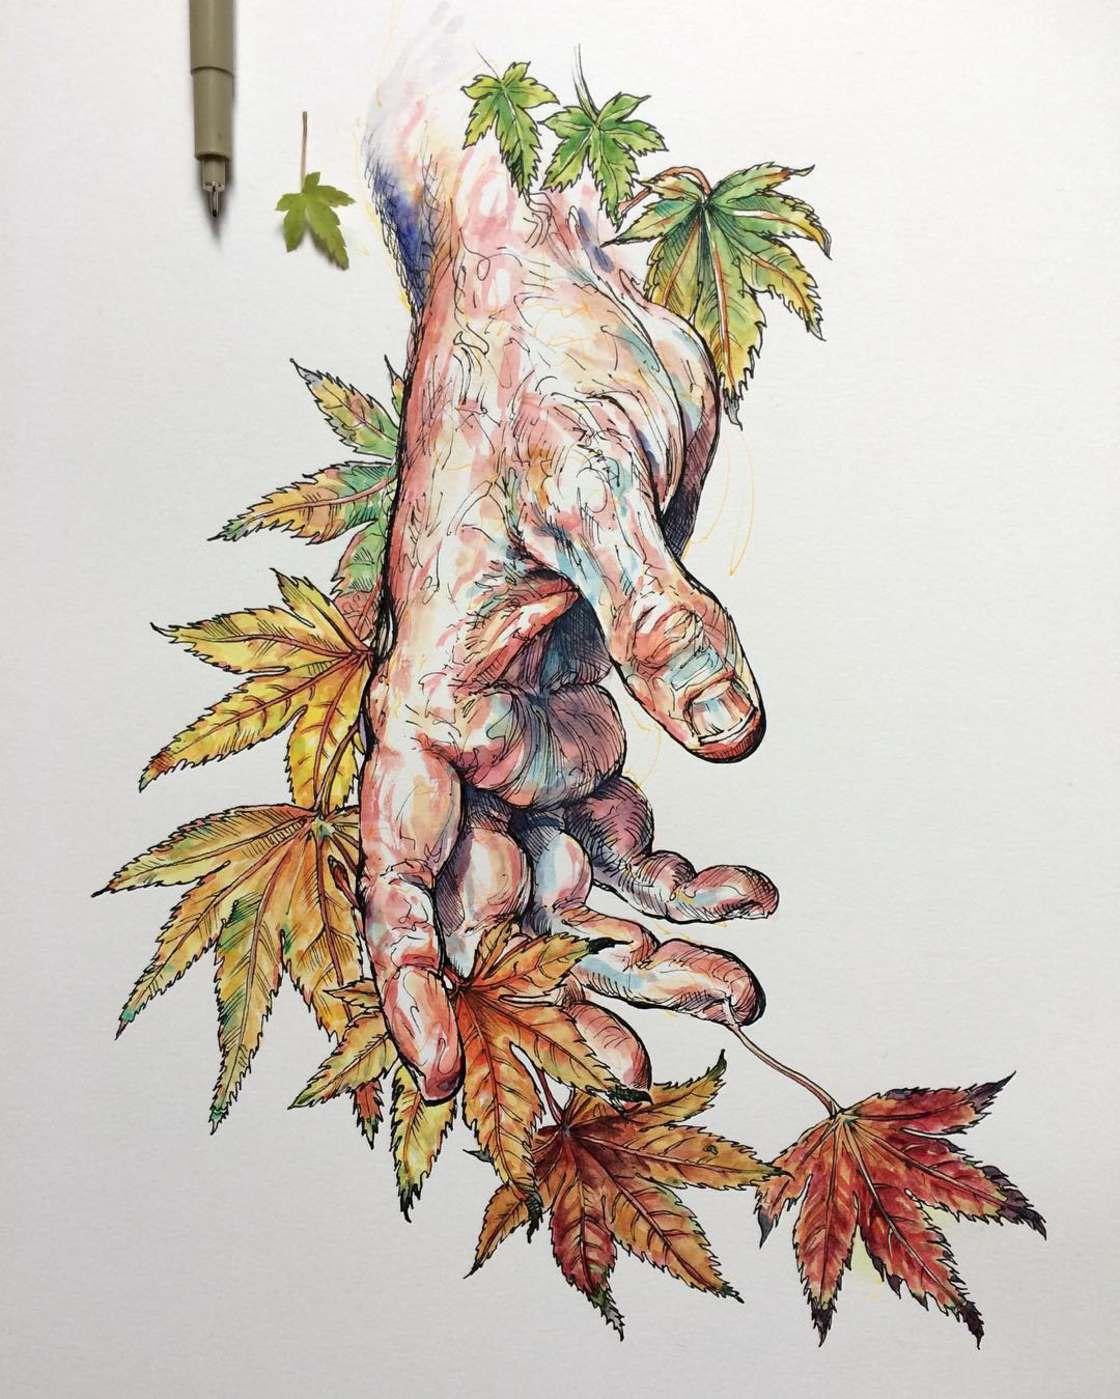 Blumen und Hände in der Kunst von Noel Badget Pugh